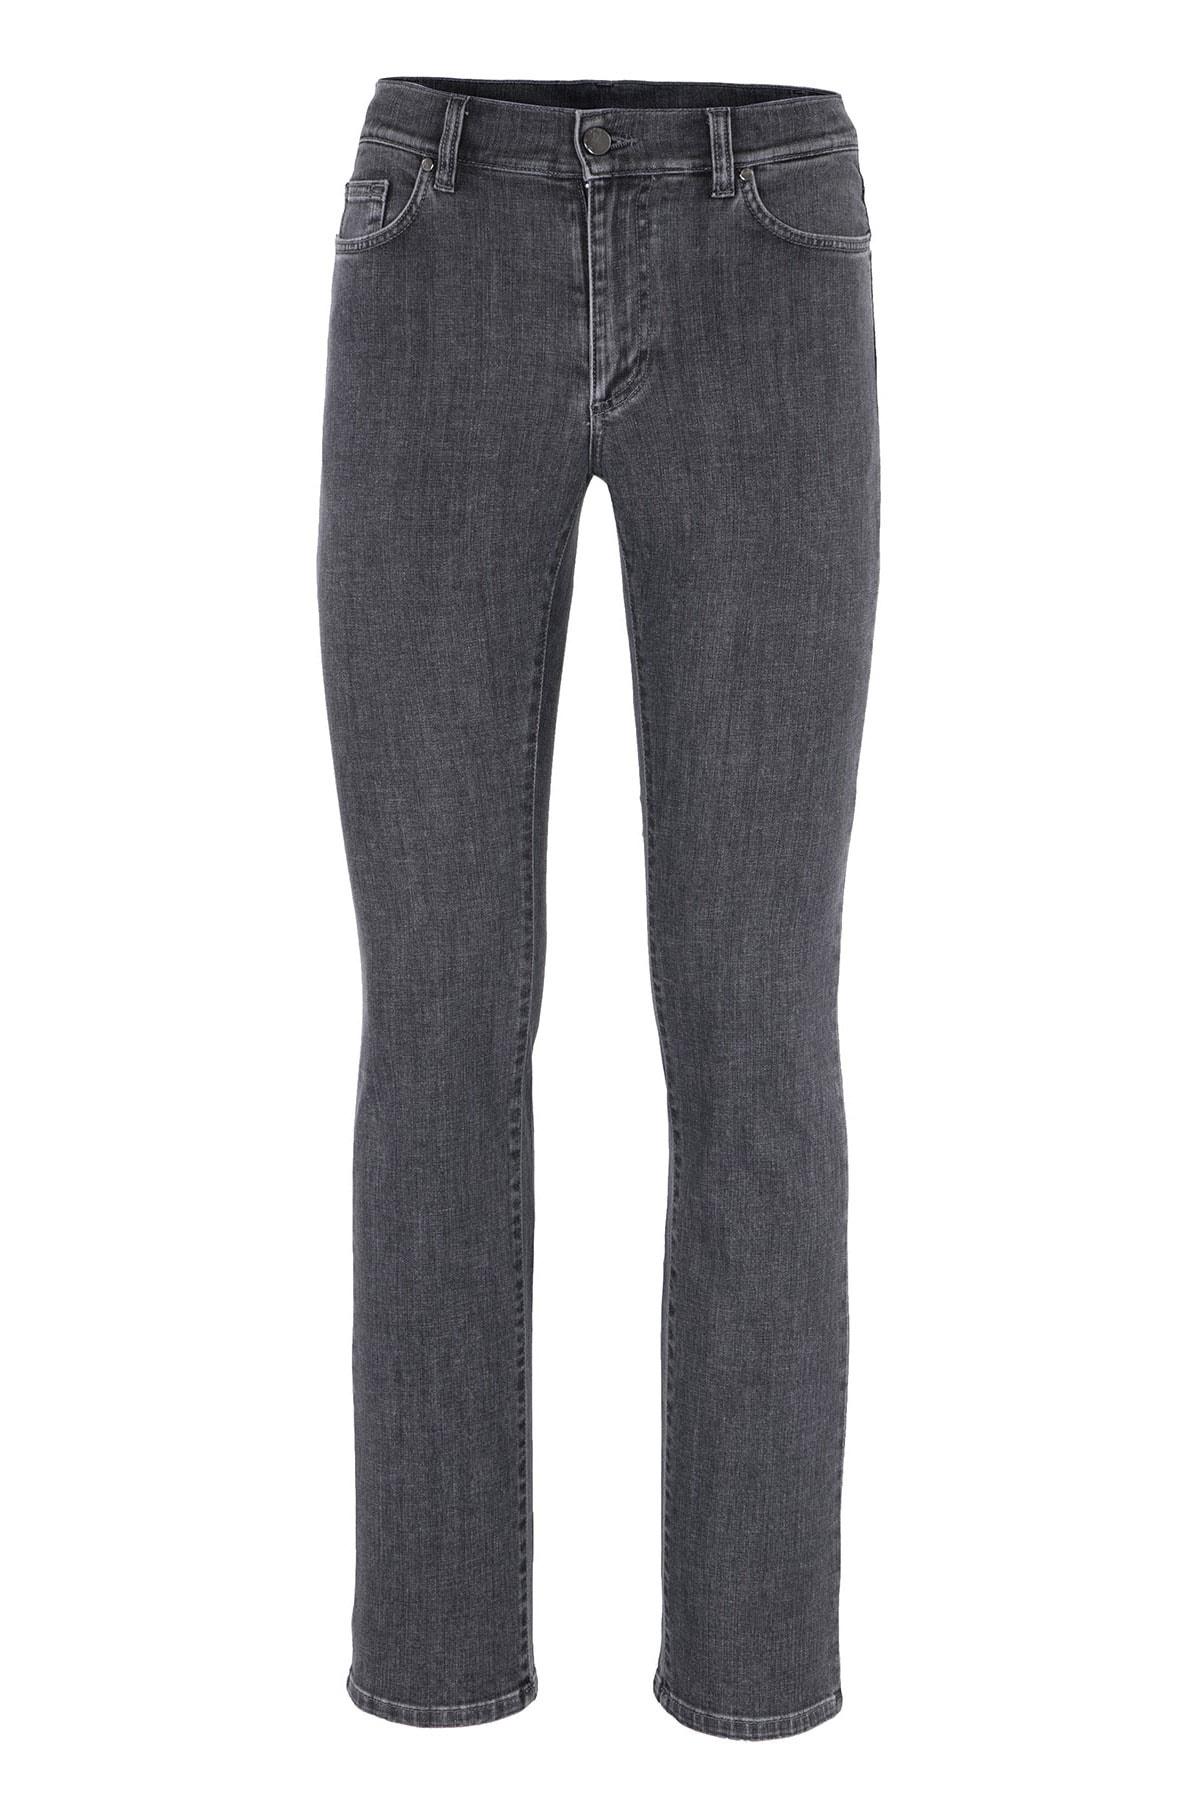 Versace Erkek Gri Jeans V600367S VT01915 V8003